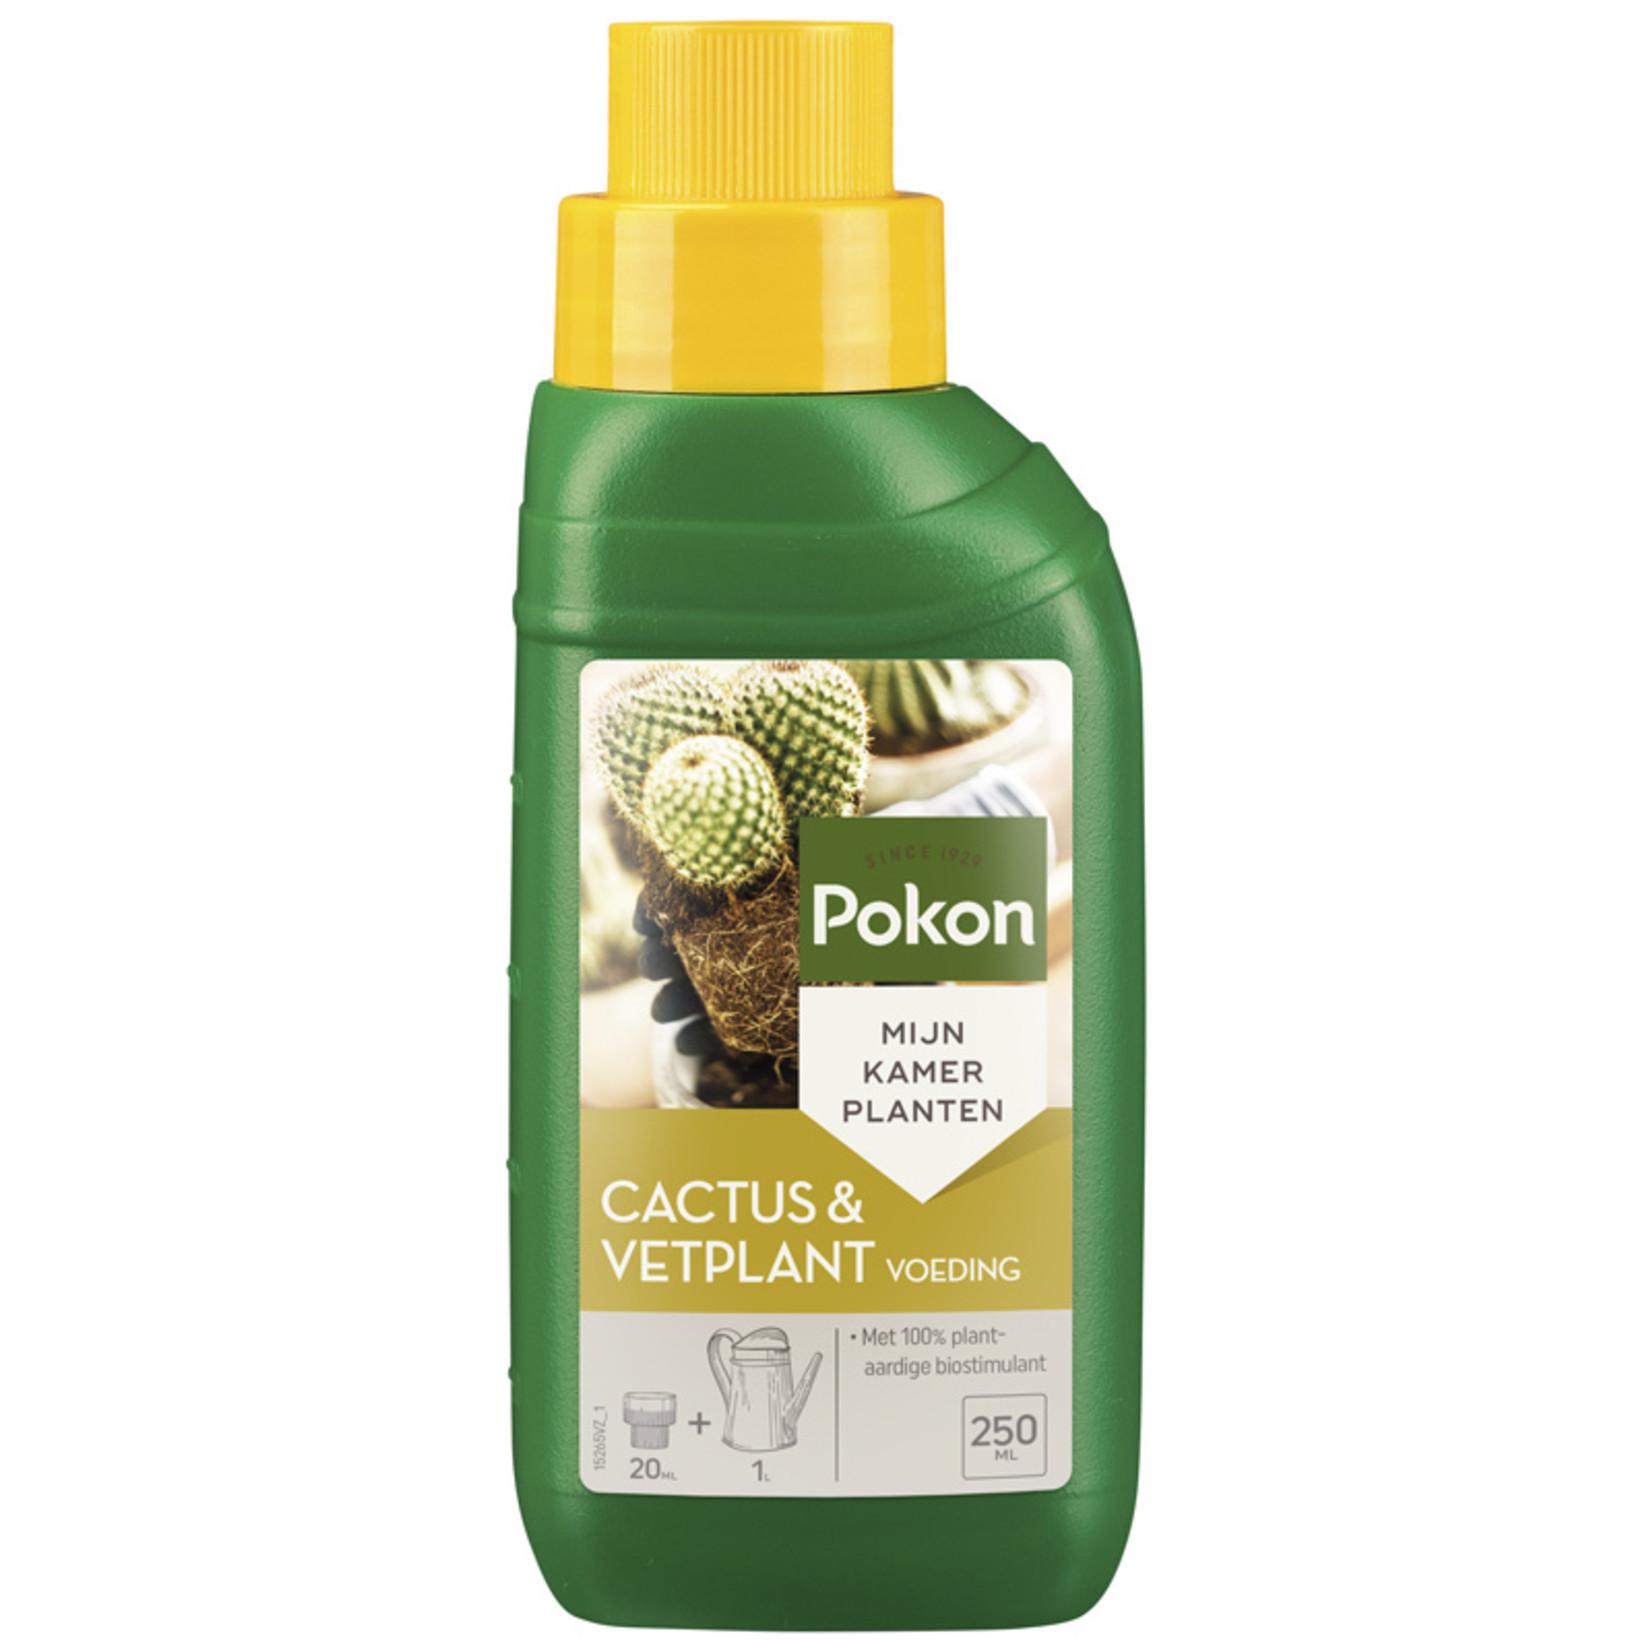 Pokon Cactus & vetplant 250ml